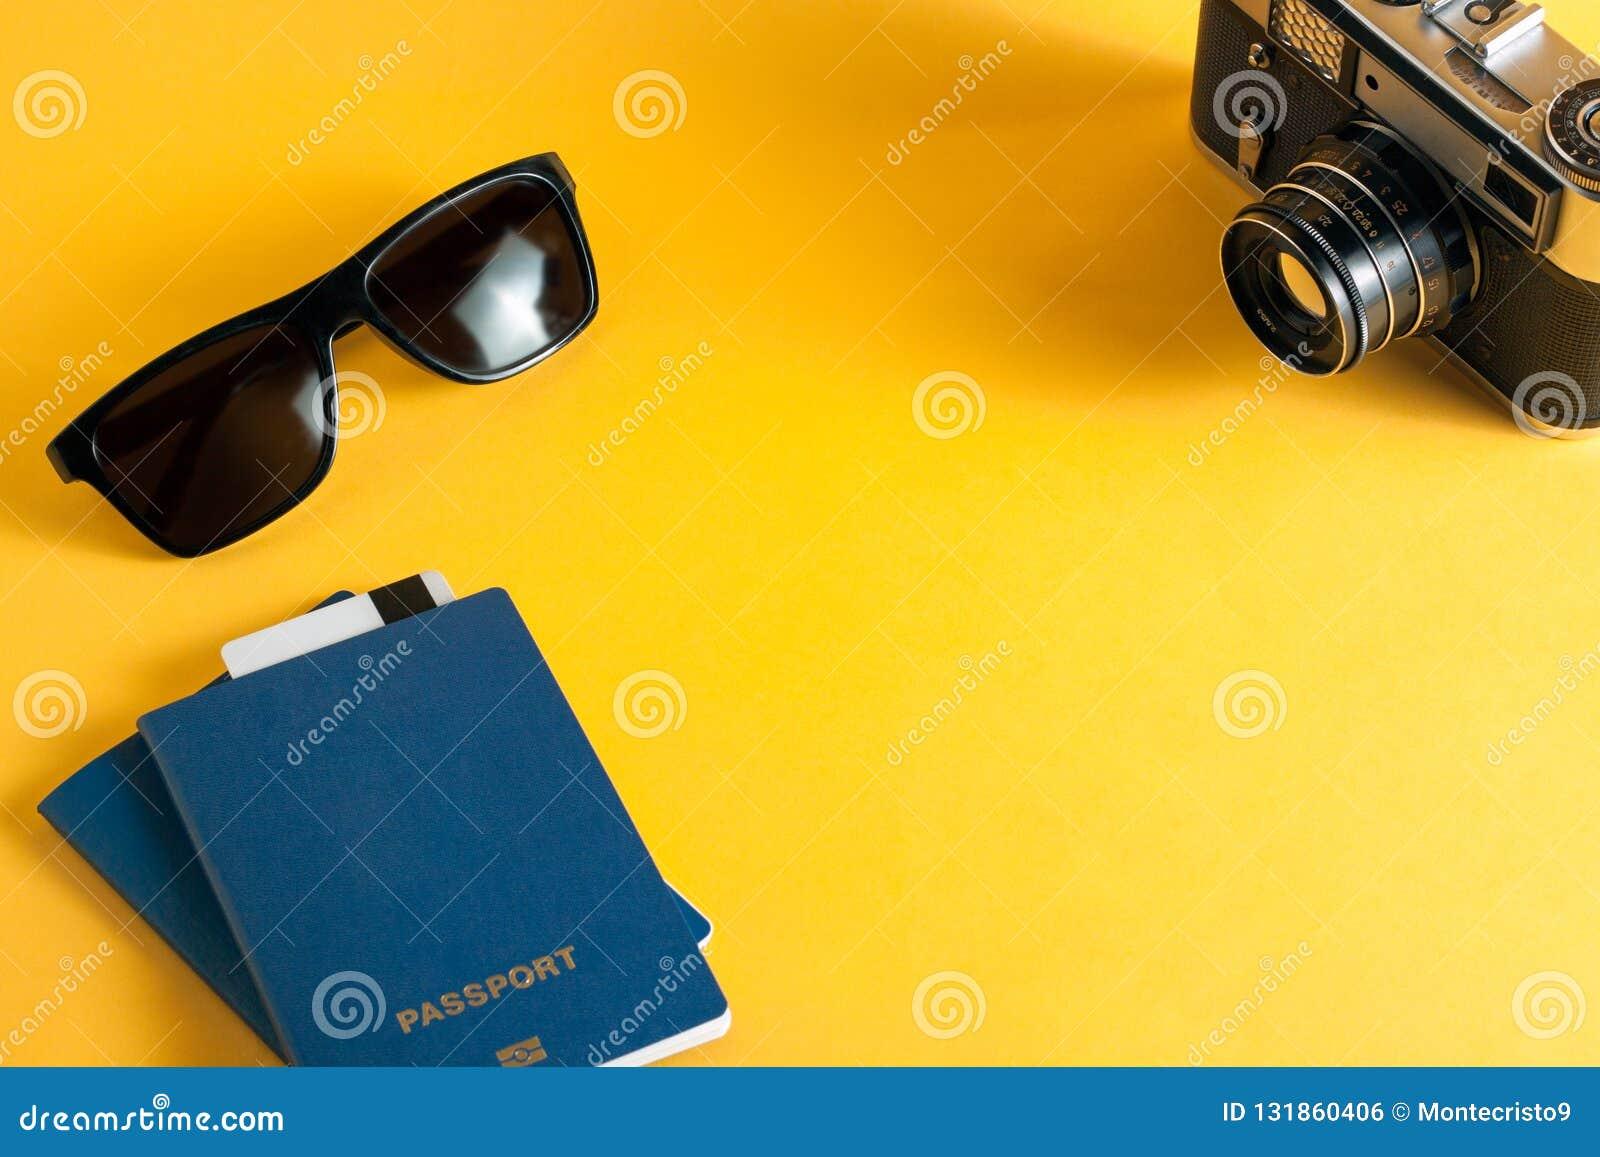 O conceito do lazer e do turismo passaporte, óculos de sol e fontes biométricos para viajantes